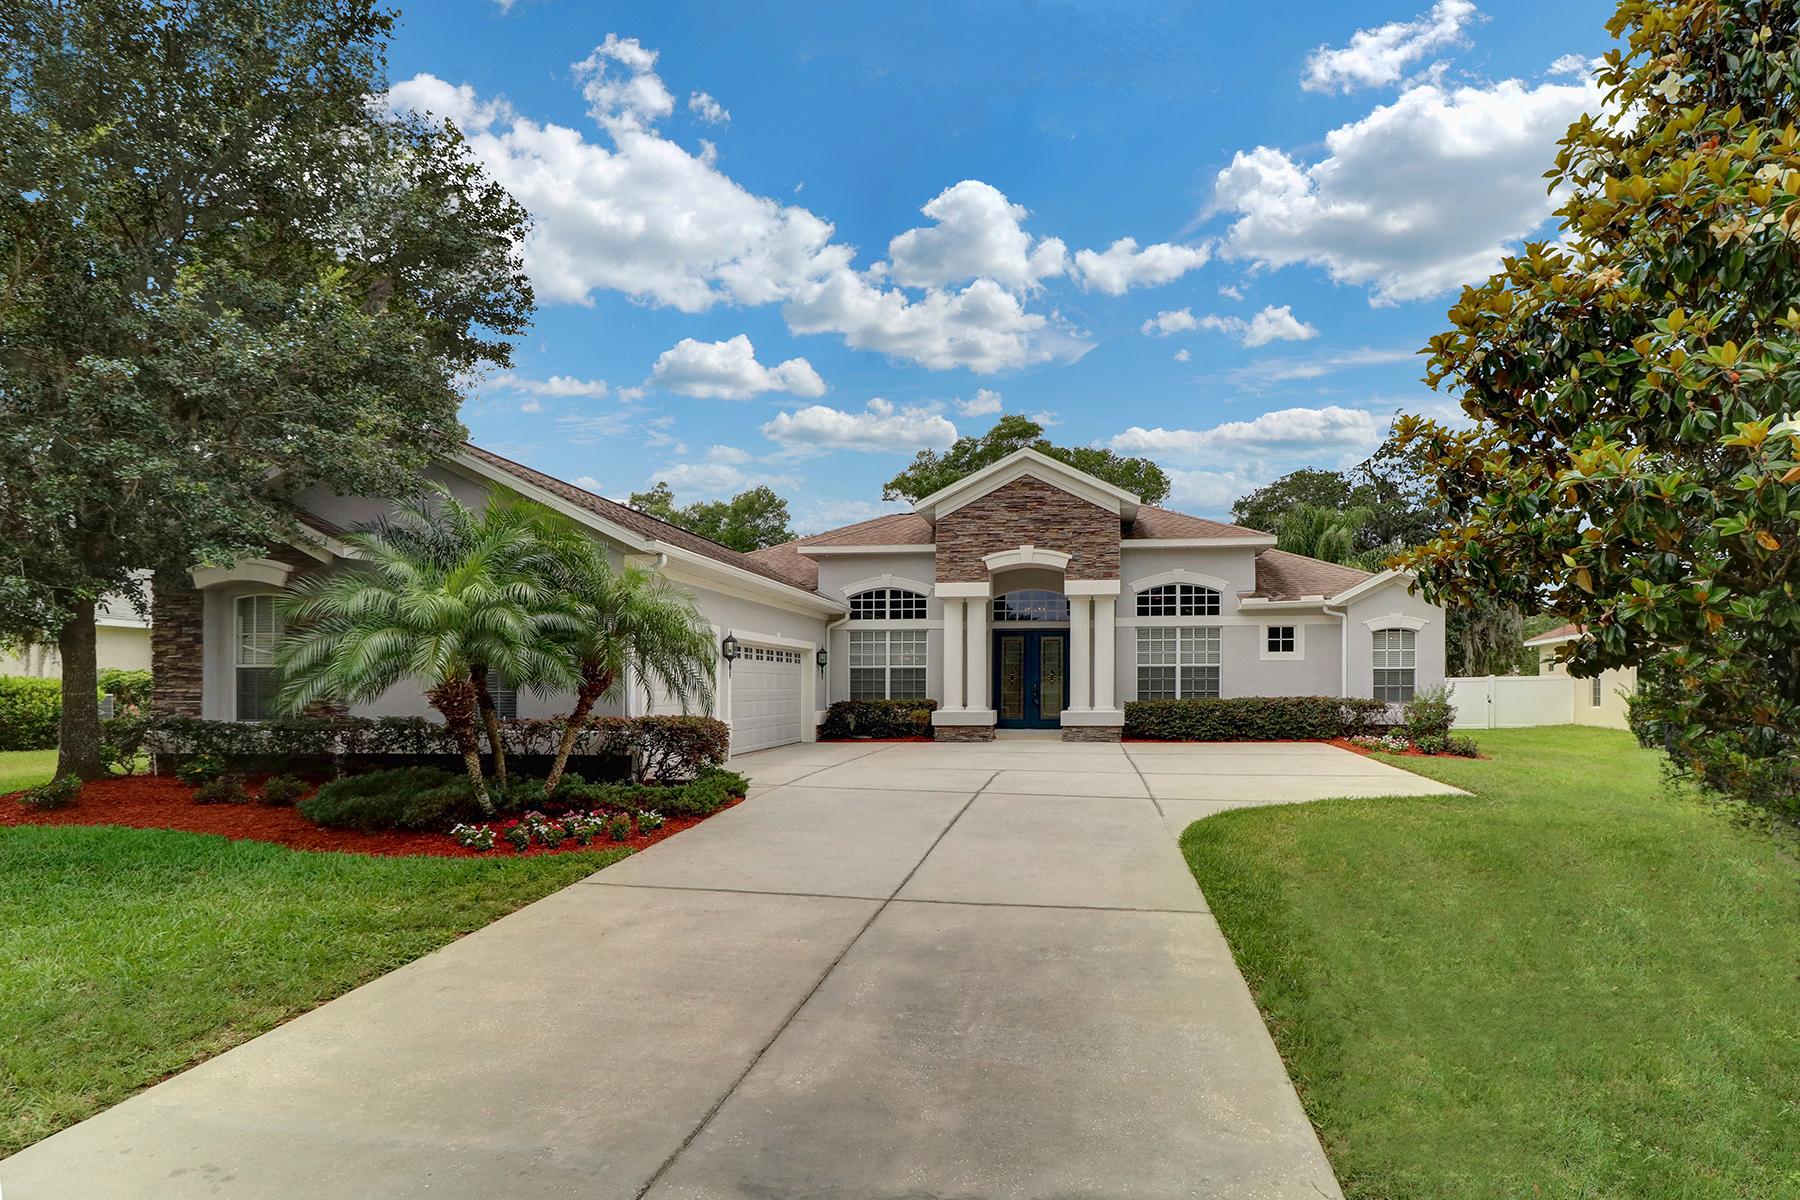 Частный односемейный дом для того Продажа на 1614 Brilliant Cut Way , Valrico, FL 33594 1614 Brilliant Cut Way Valrico, Флорида, 33594 Соединенные Штаты